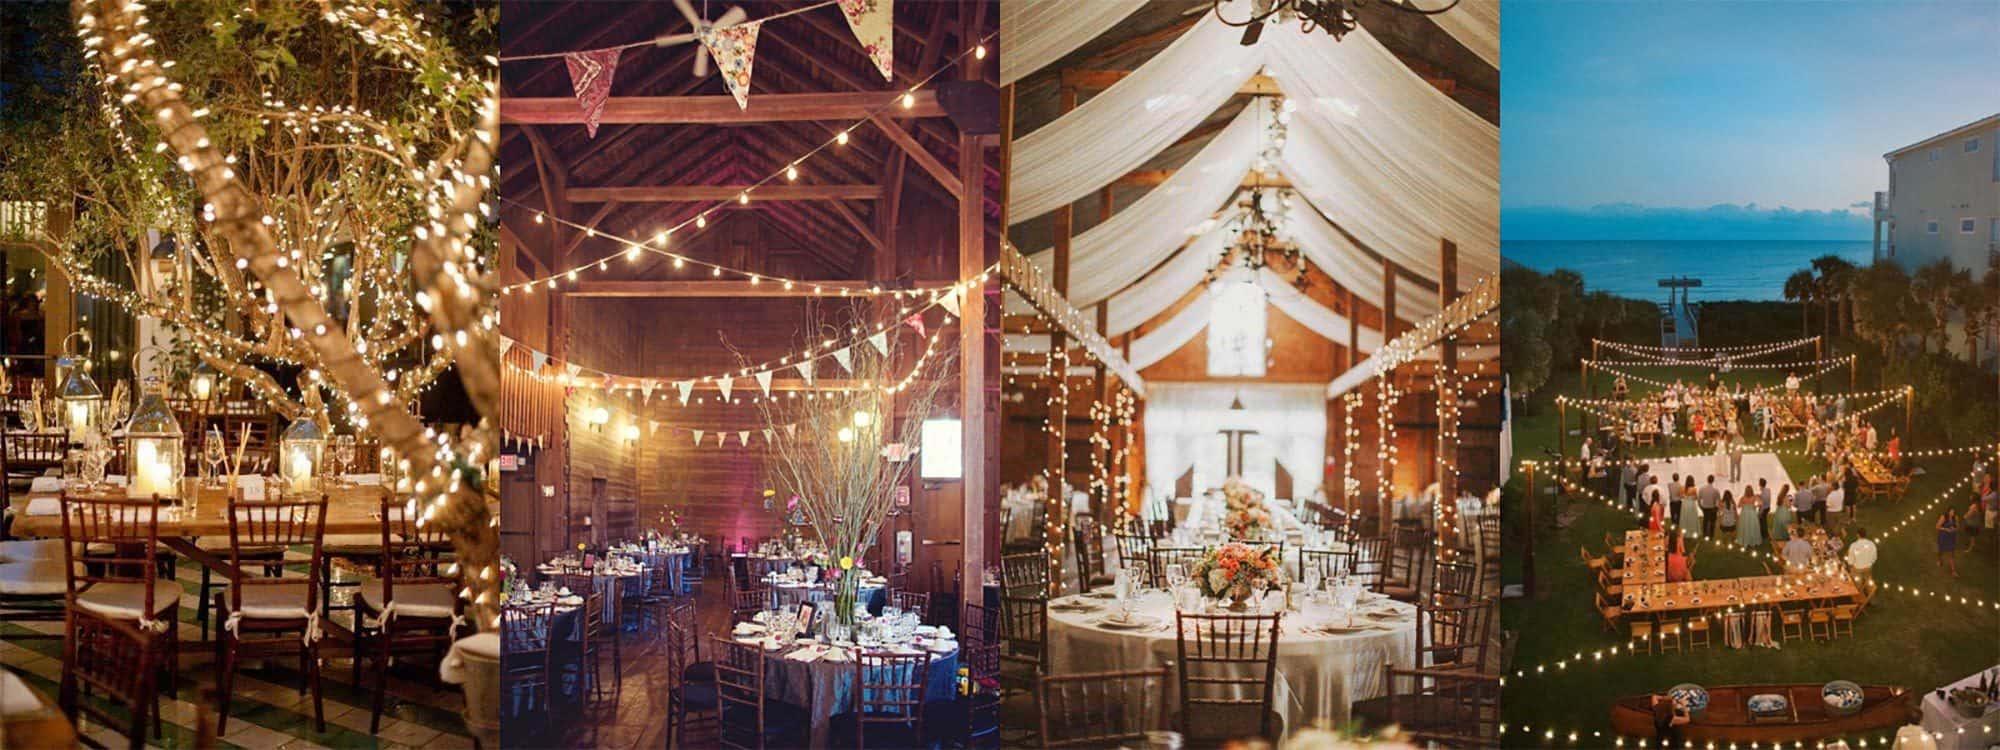 How to use christmas lights for weddings